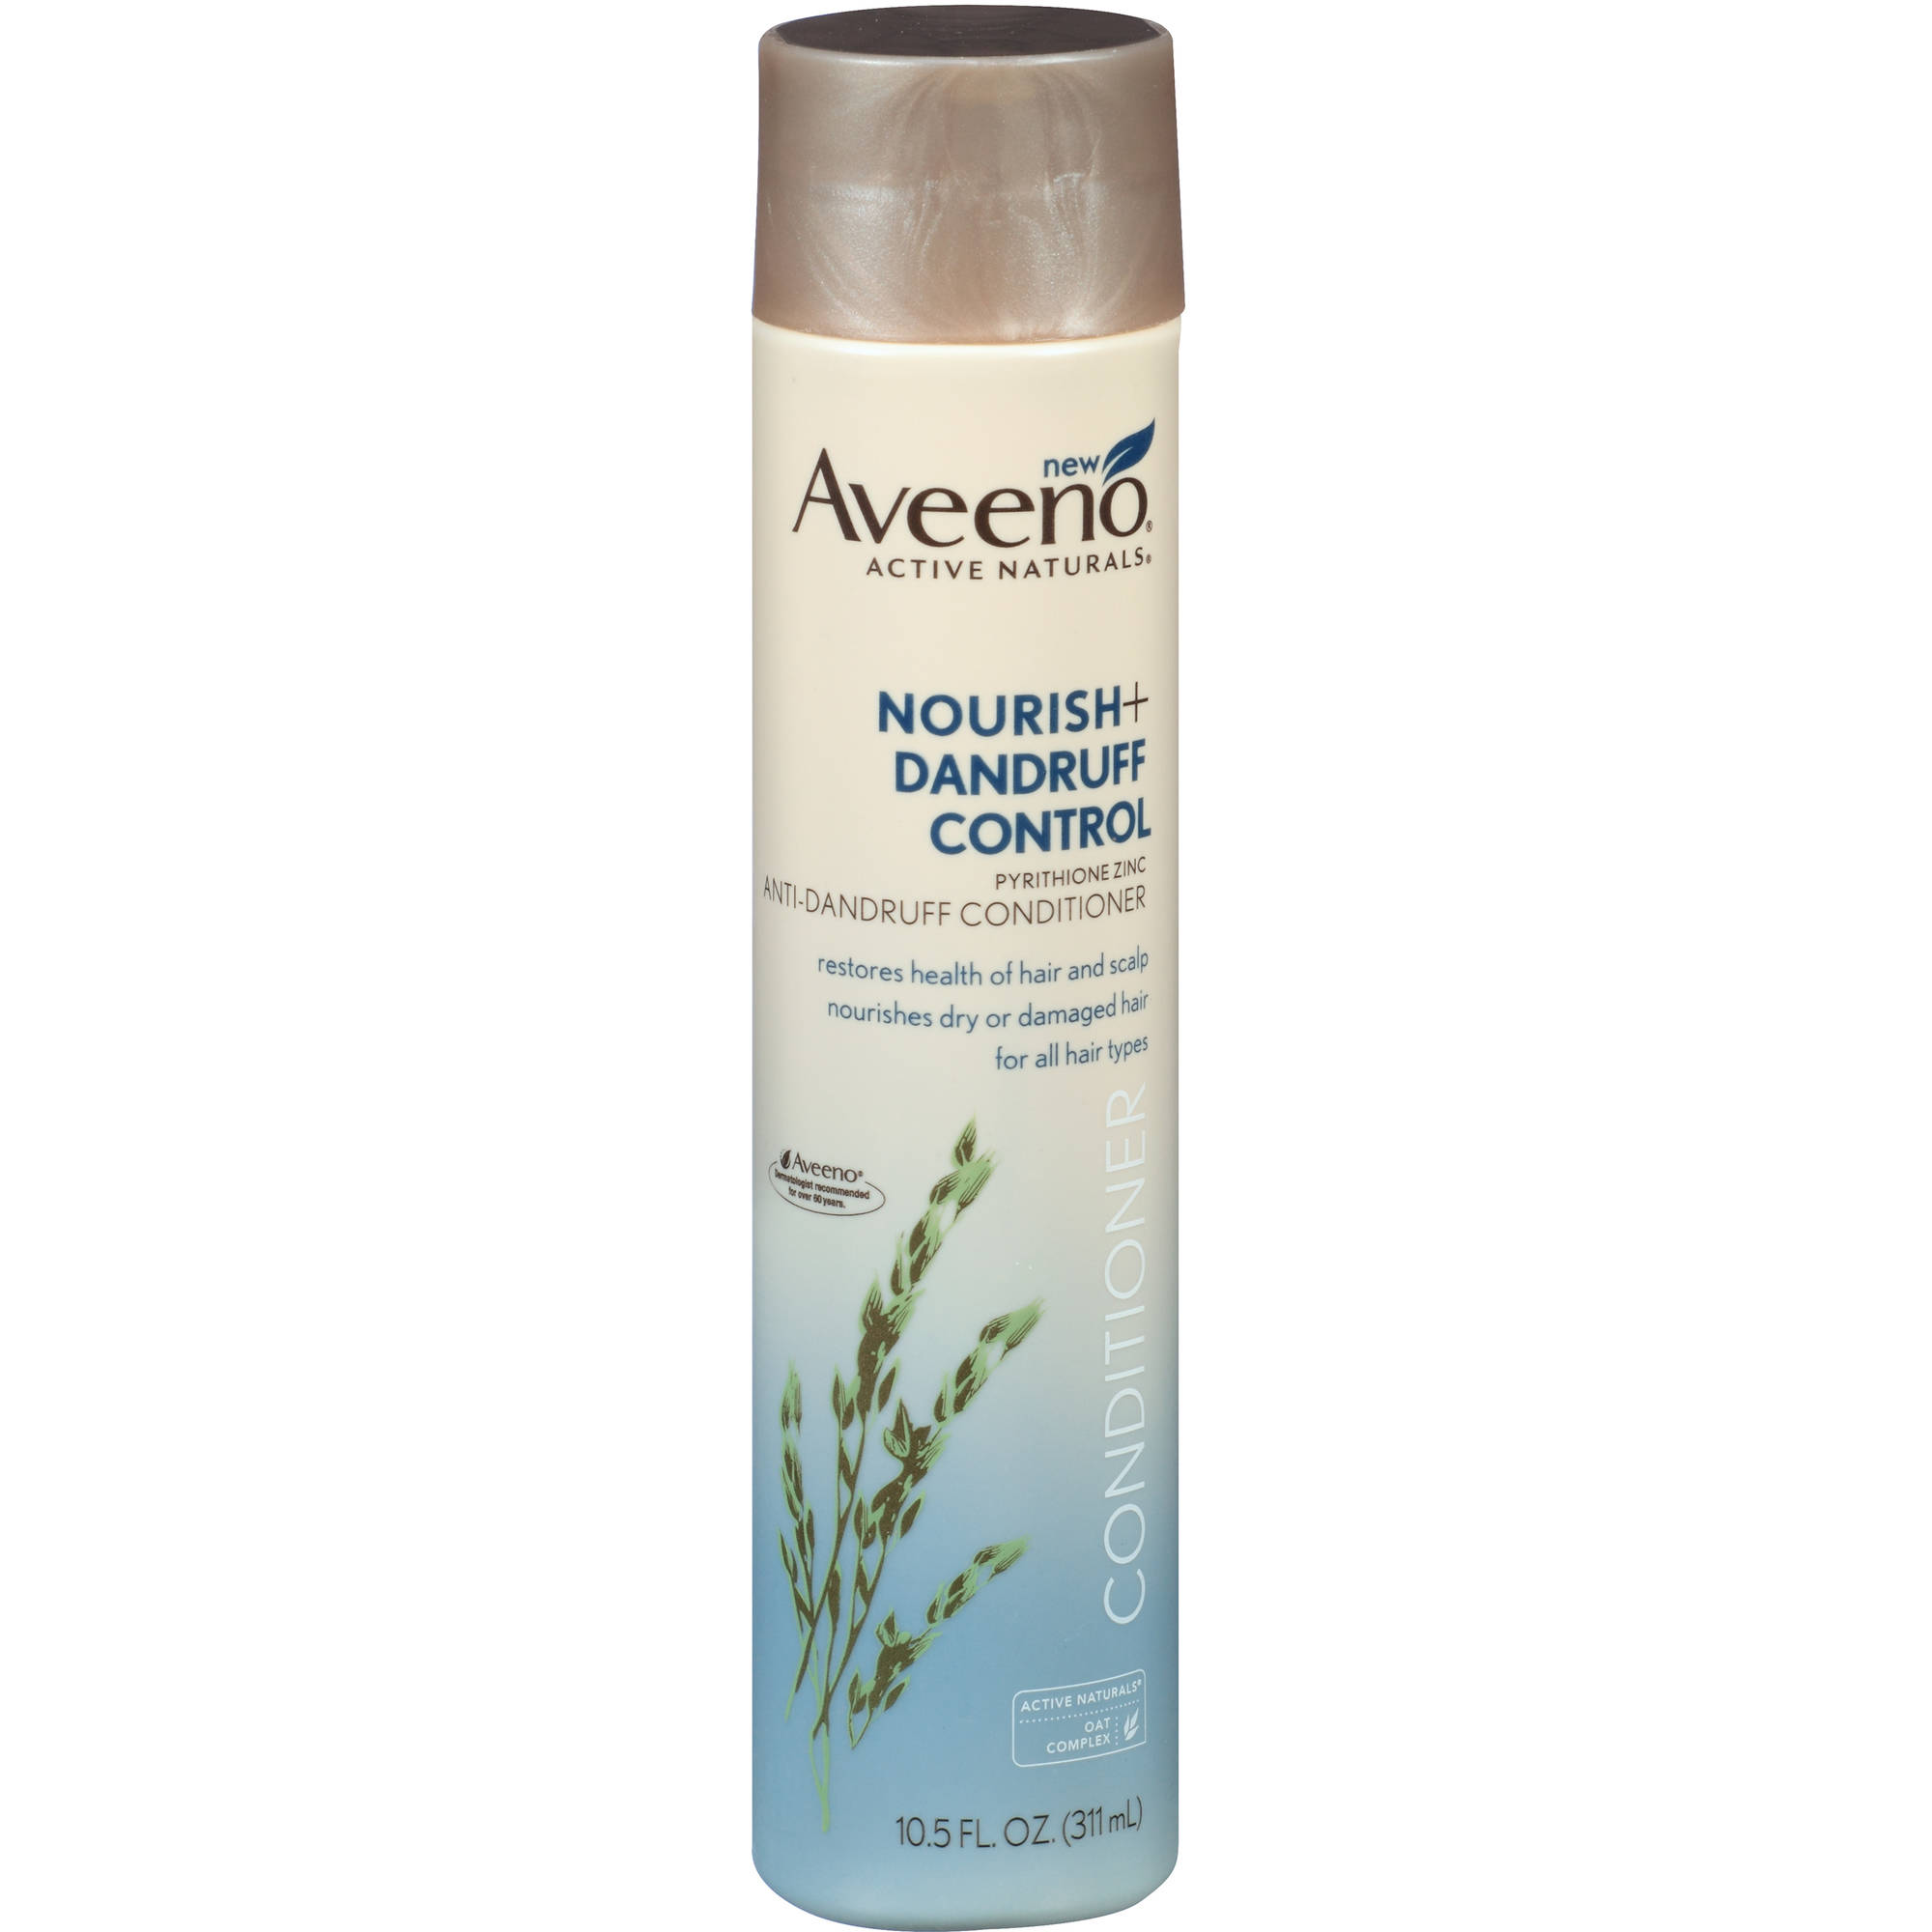 Aveeno Active Naturals Nourish + Dandruff Control Anti-Dandruff Conditioner, 10.5 fl oz